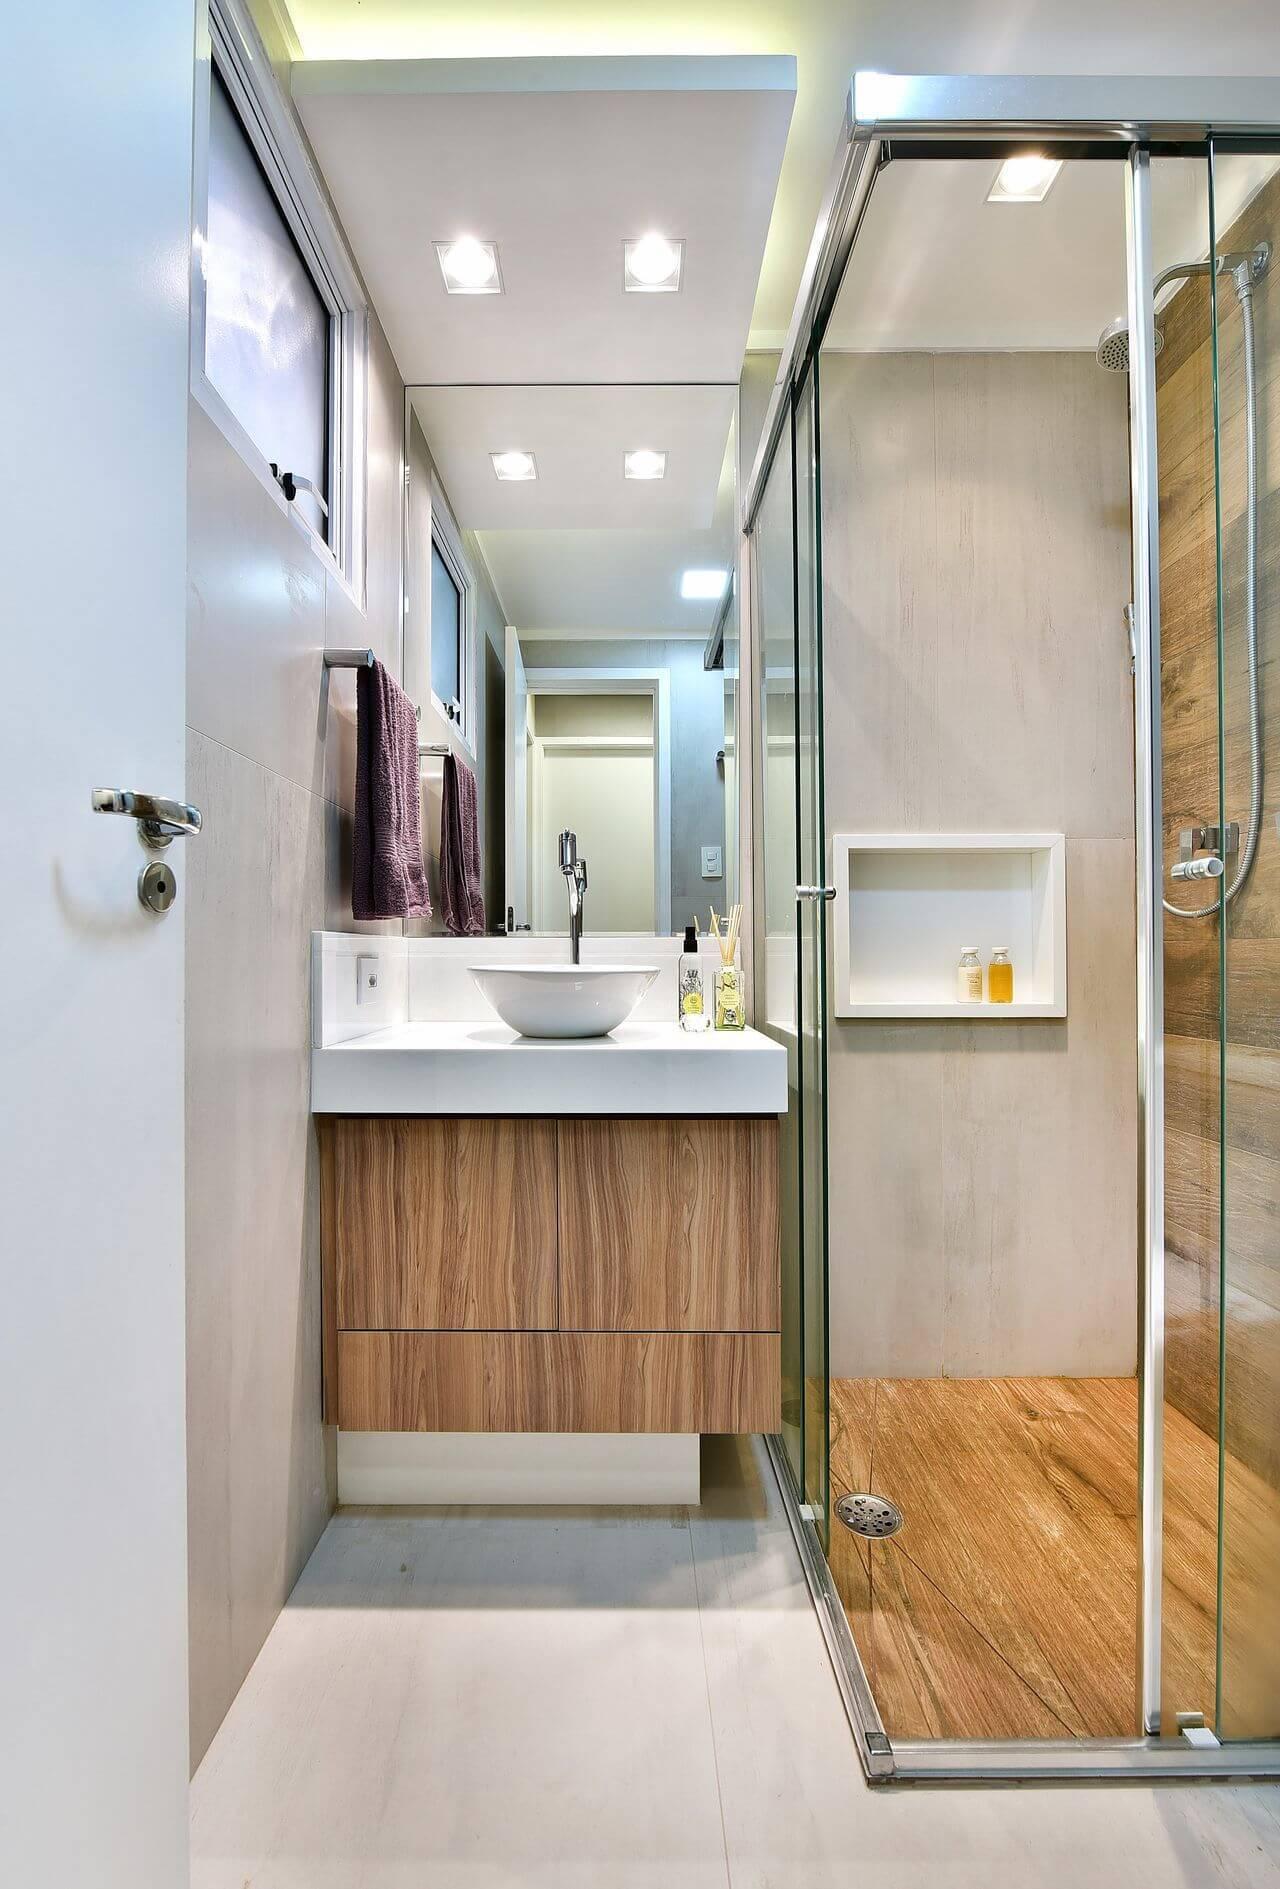 Decoração de banheiro com gabinete e chão do box de madeira. Projeto Tetriz Arquitetura